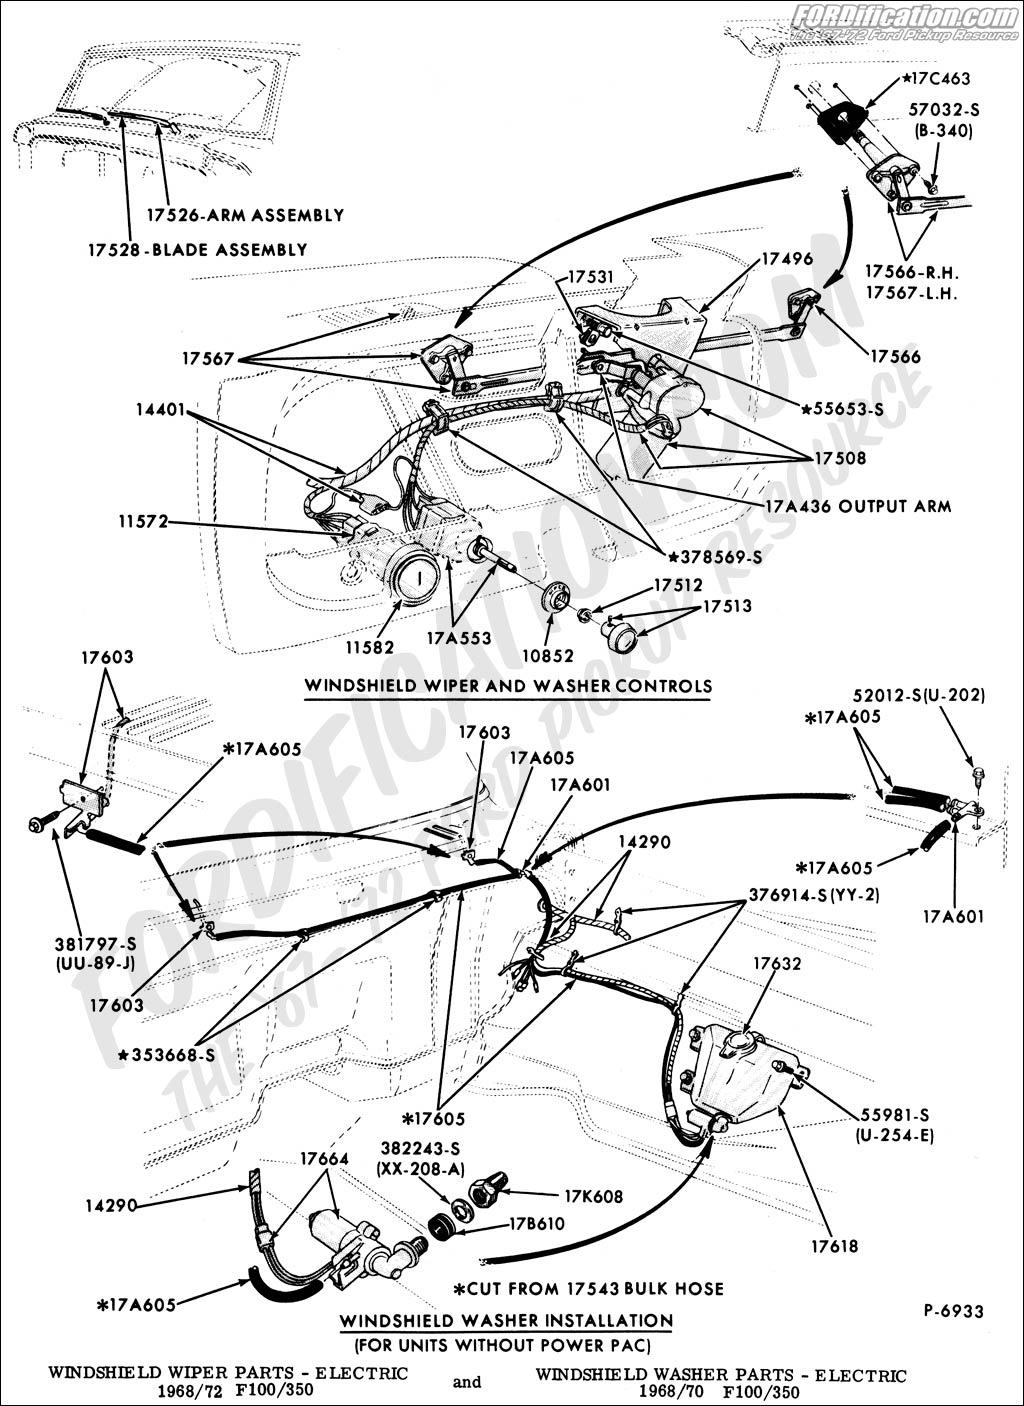 windshieldwasherwiperparts?resize\=665%2C913 1964 mustang alternator wiring diagrams,alternator free download 1969 mustang alternator wiring diagram at gsmx.co